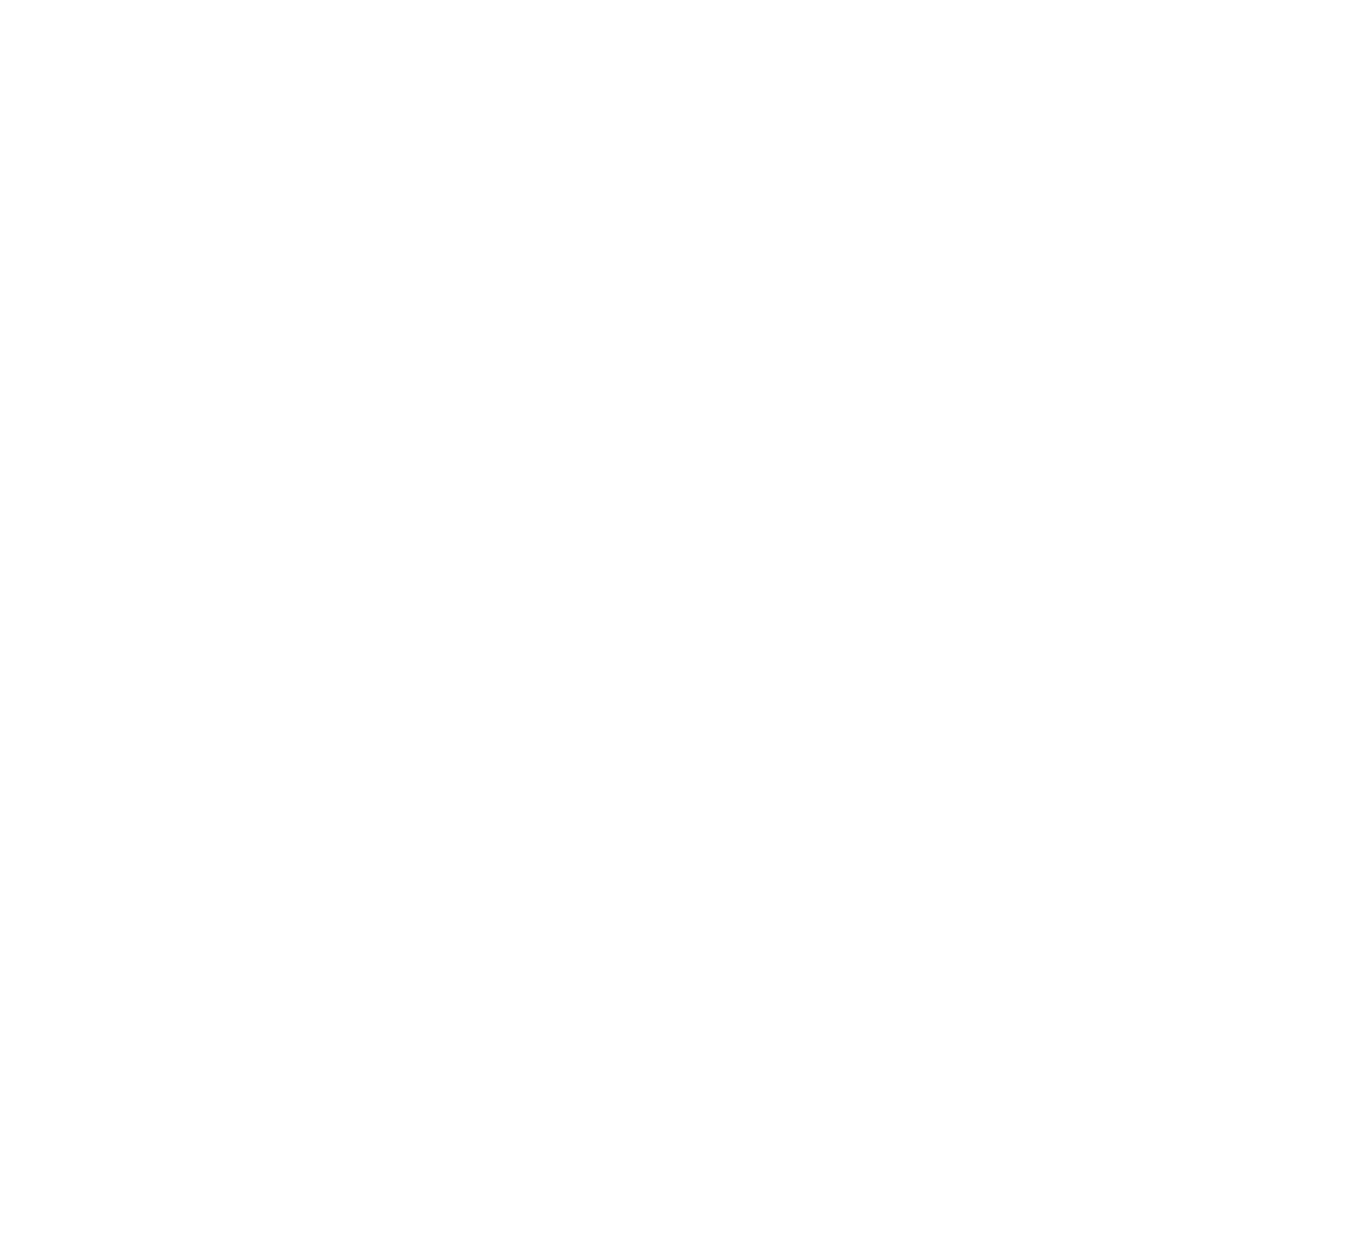 モノクローン ロゴ